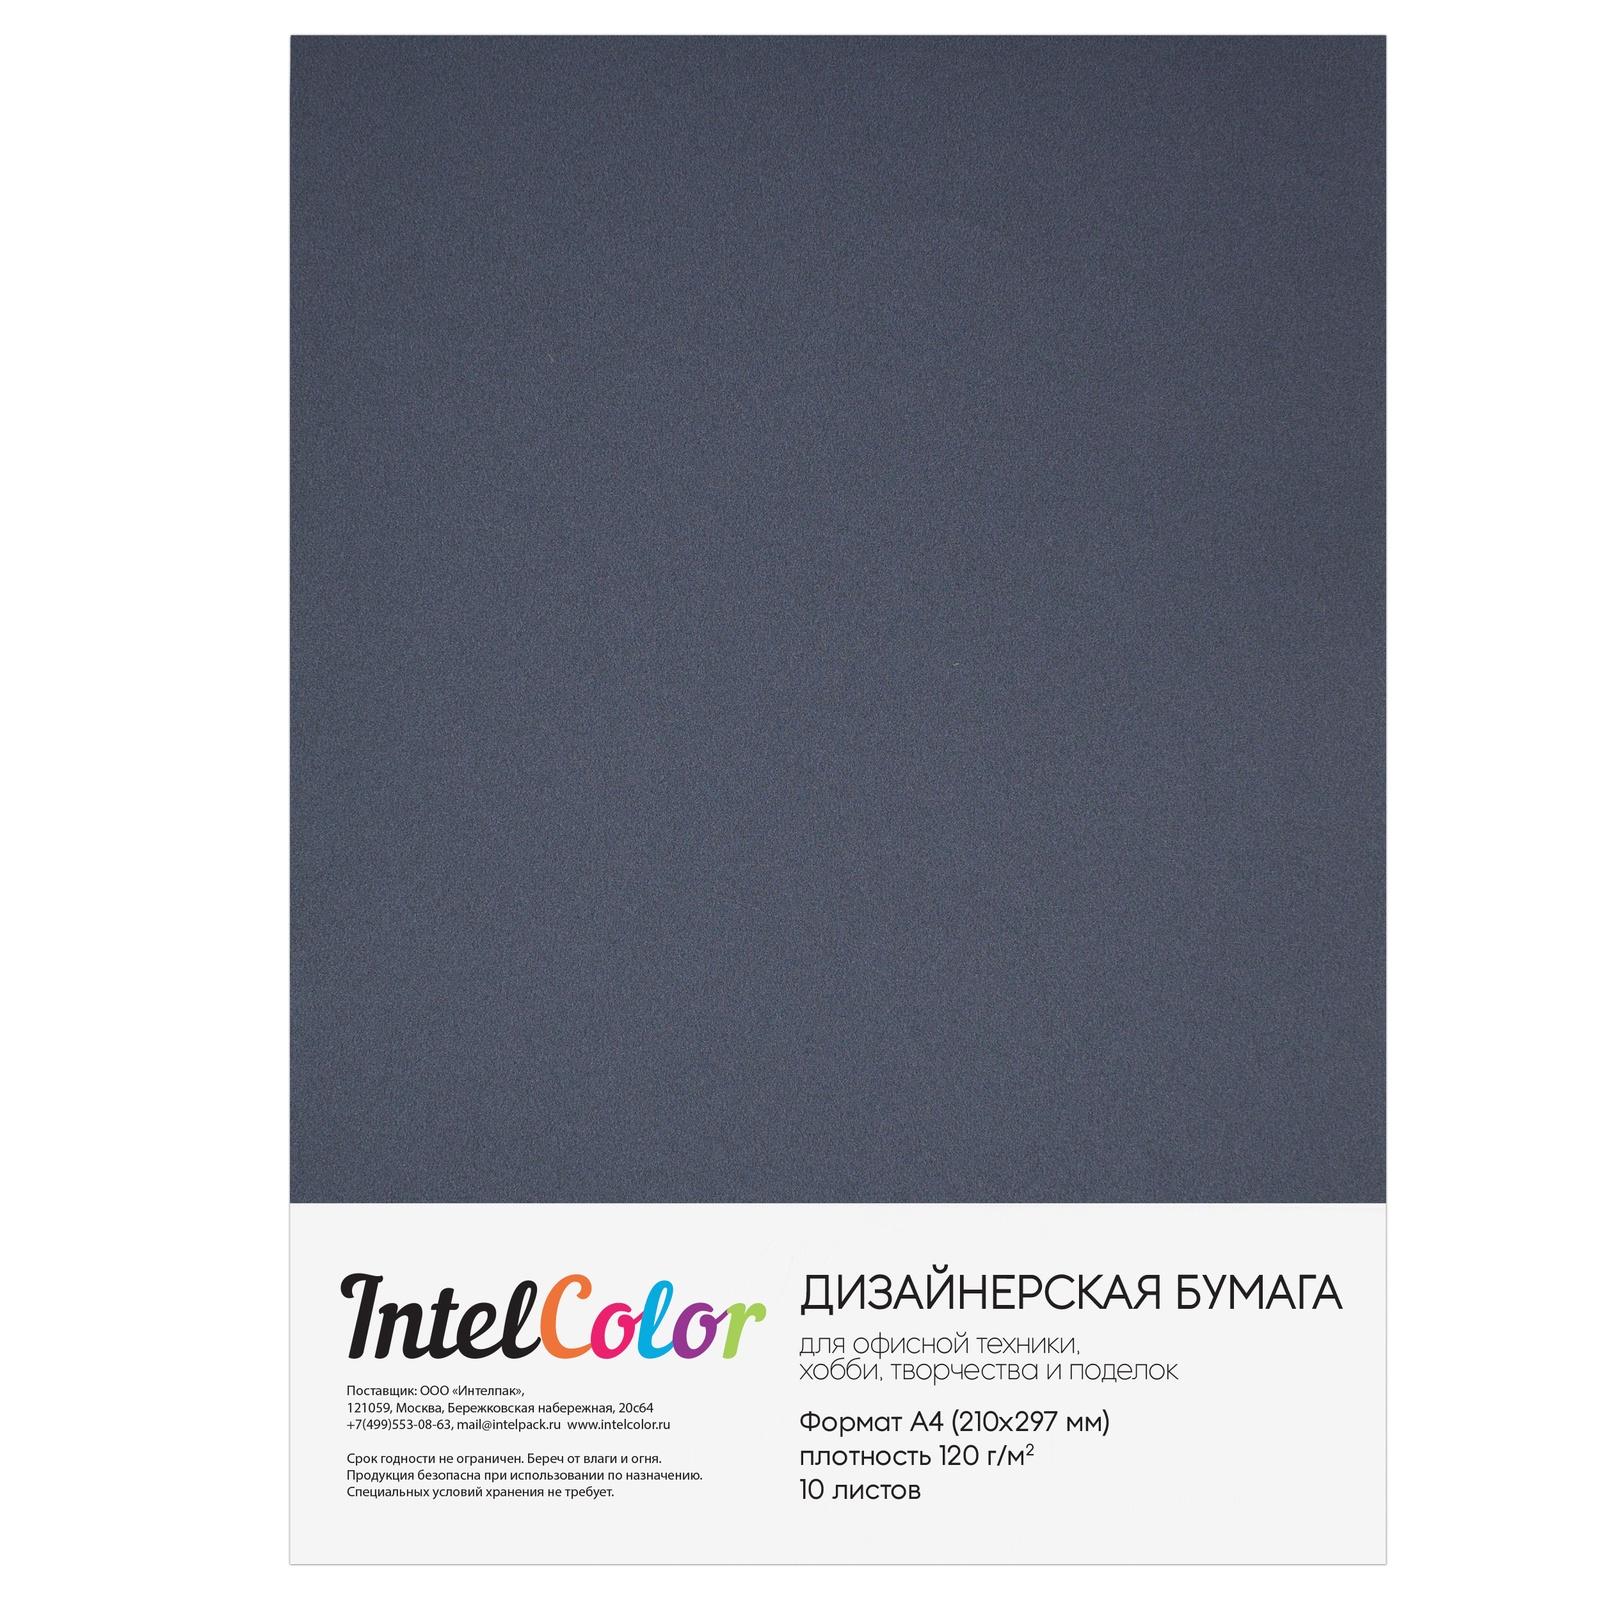 Дизайнерская бумага Majestic Steel Grey, Темно-серый сатин